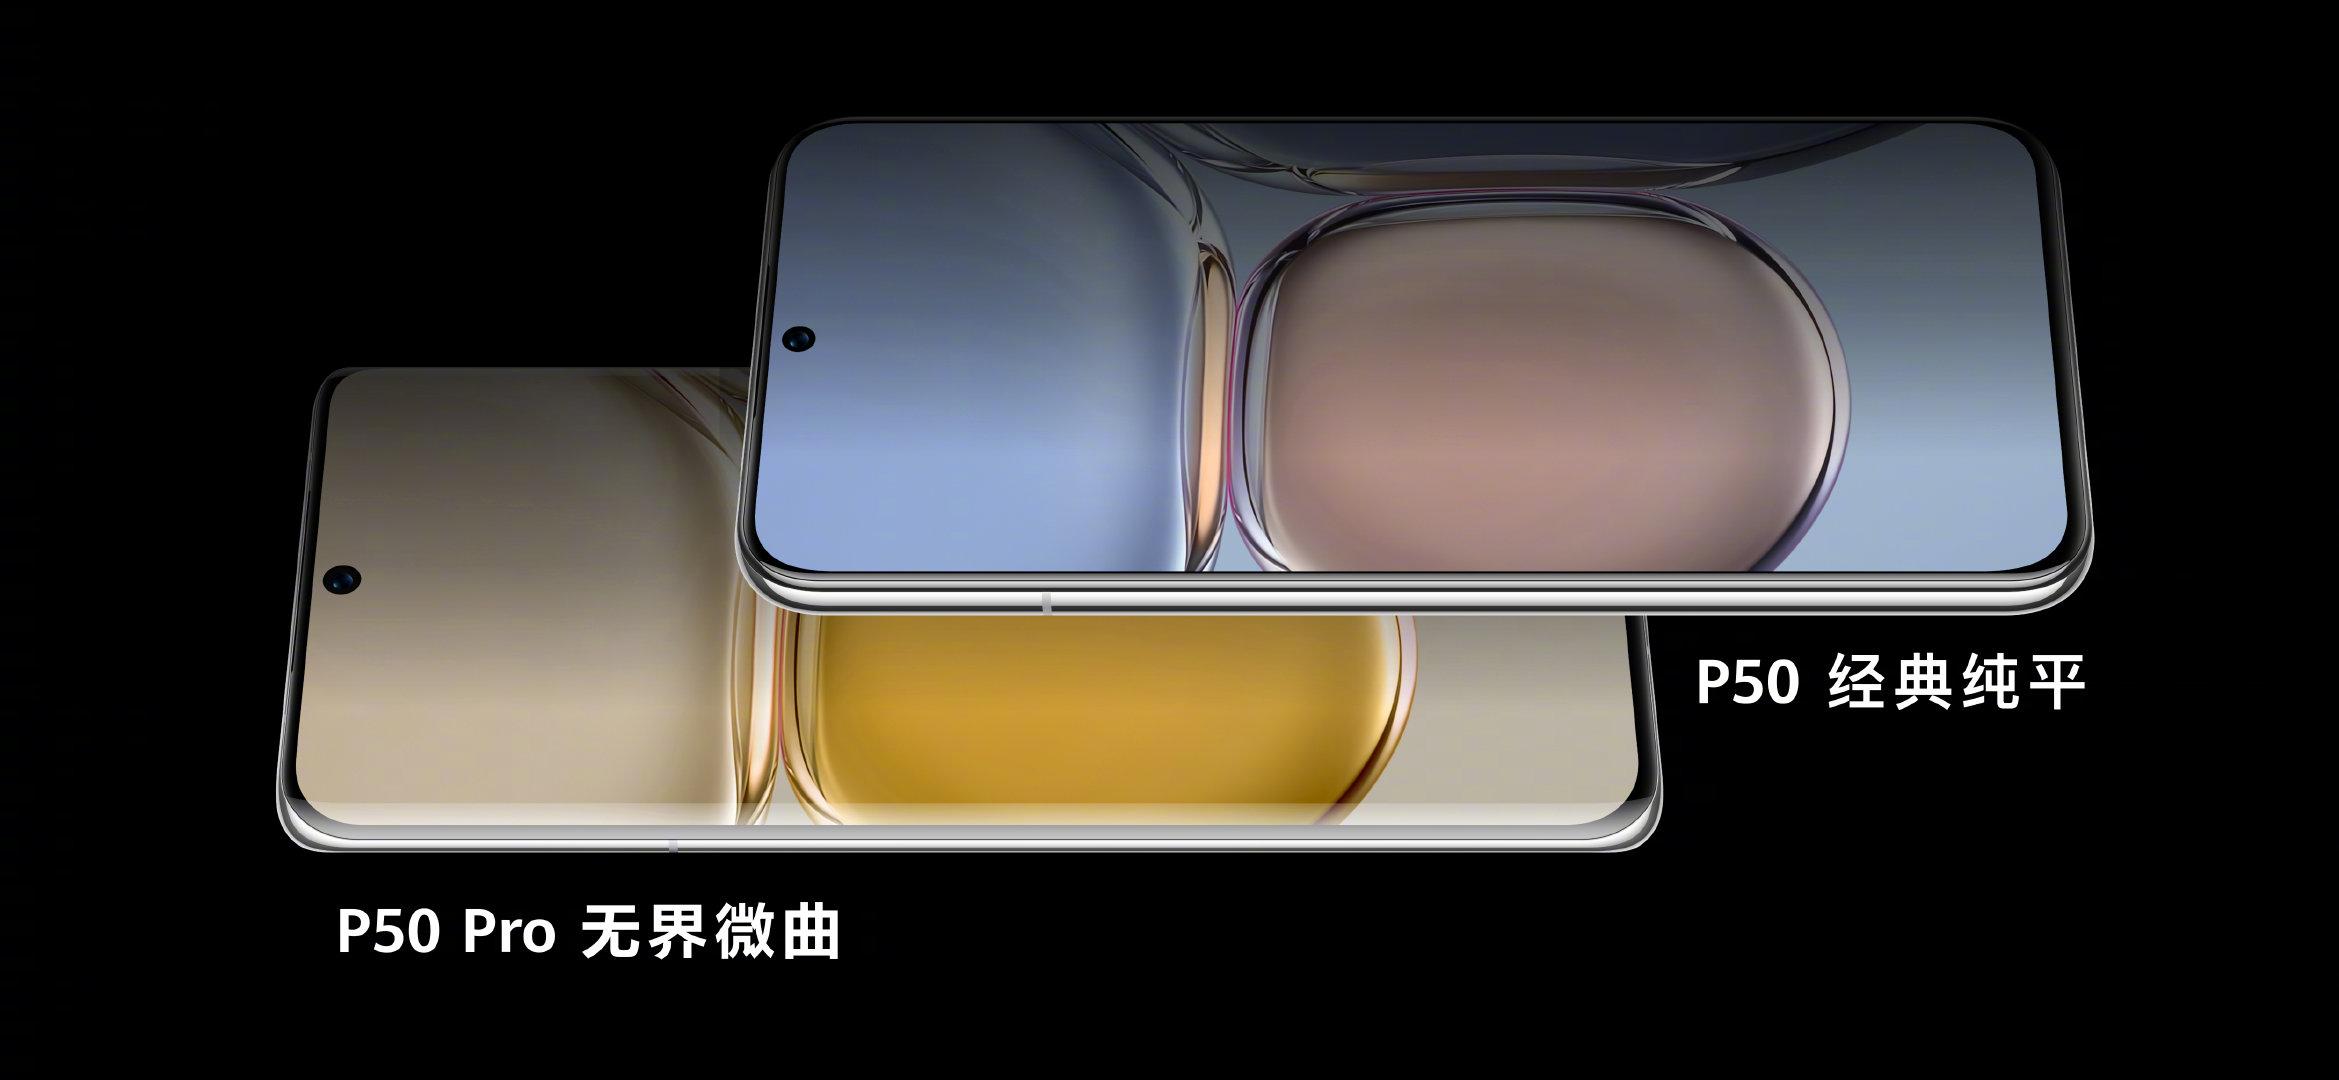 Huawei P50 Pro Review